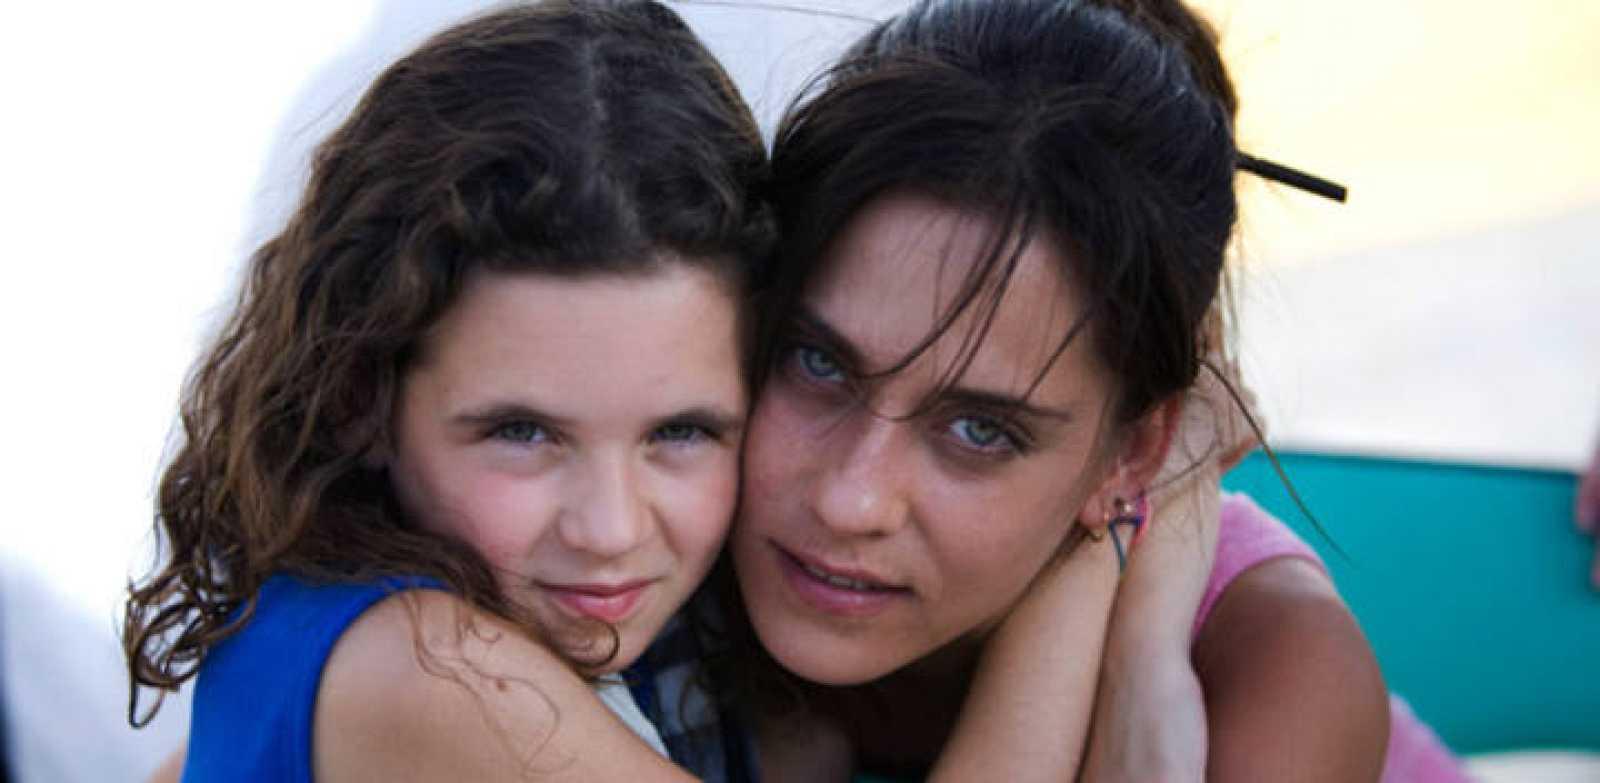 La niña Noa Fontanals y María León